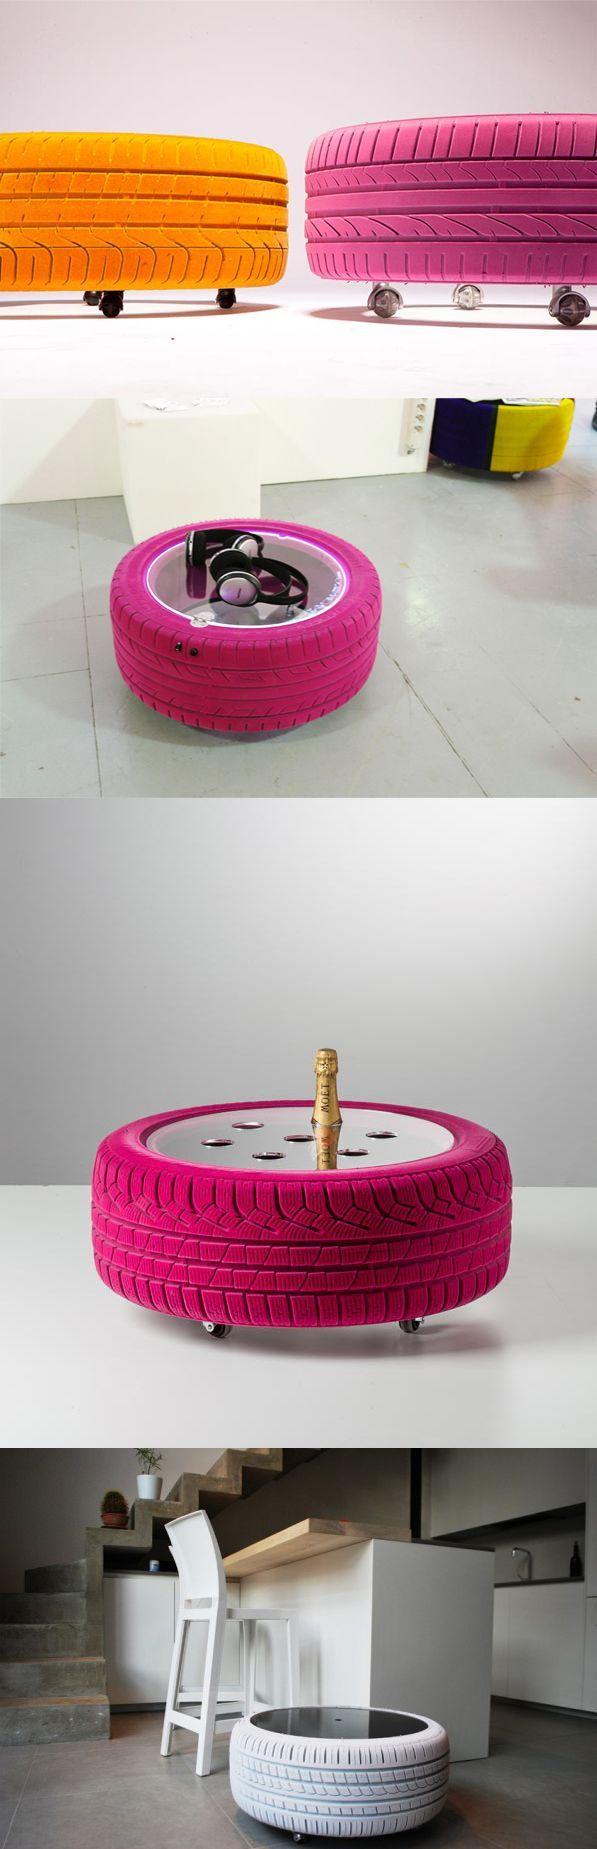 Used tires? Mais o que fazer do que jogar pneu velho  no rio.